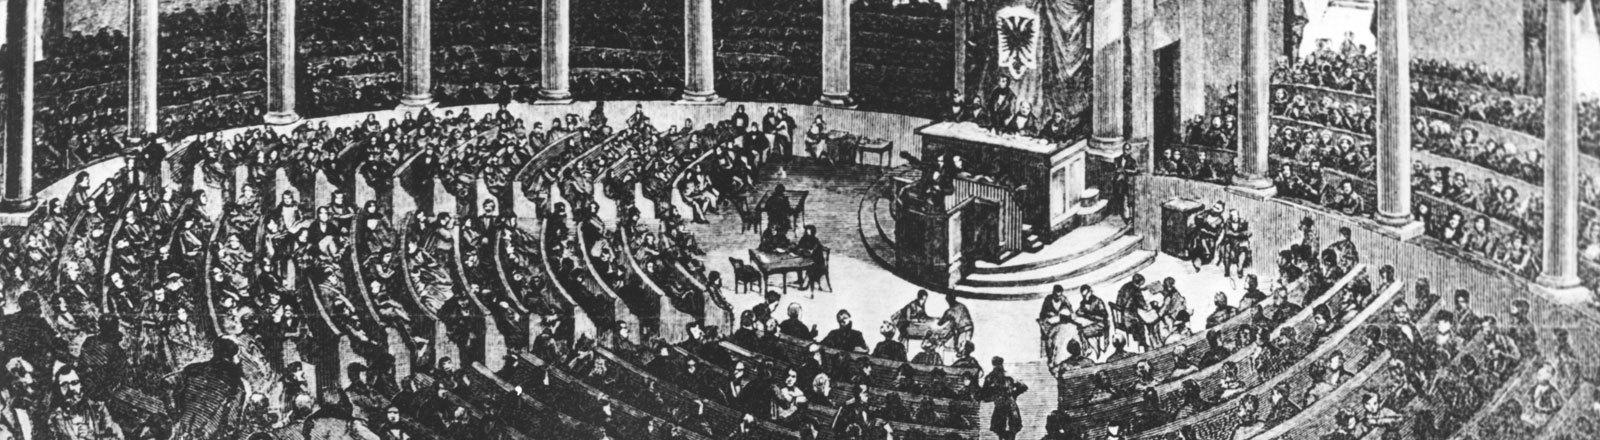 In einer zeitgenössischen Zeichnung wird die erste Sitzung der Nationalversammlung am 18.05.1848 in der Frankfurter Paulskirche dargestellt.